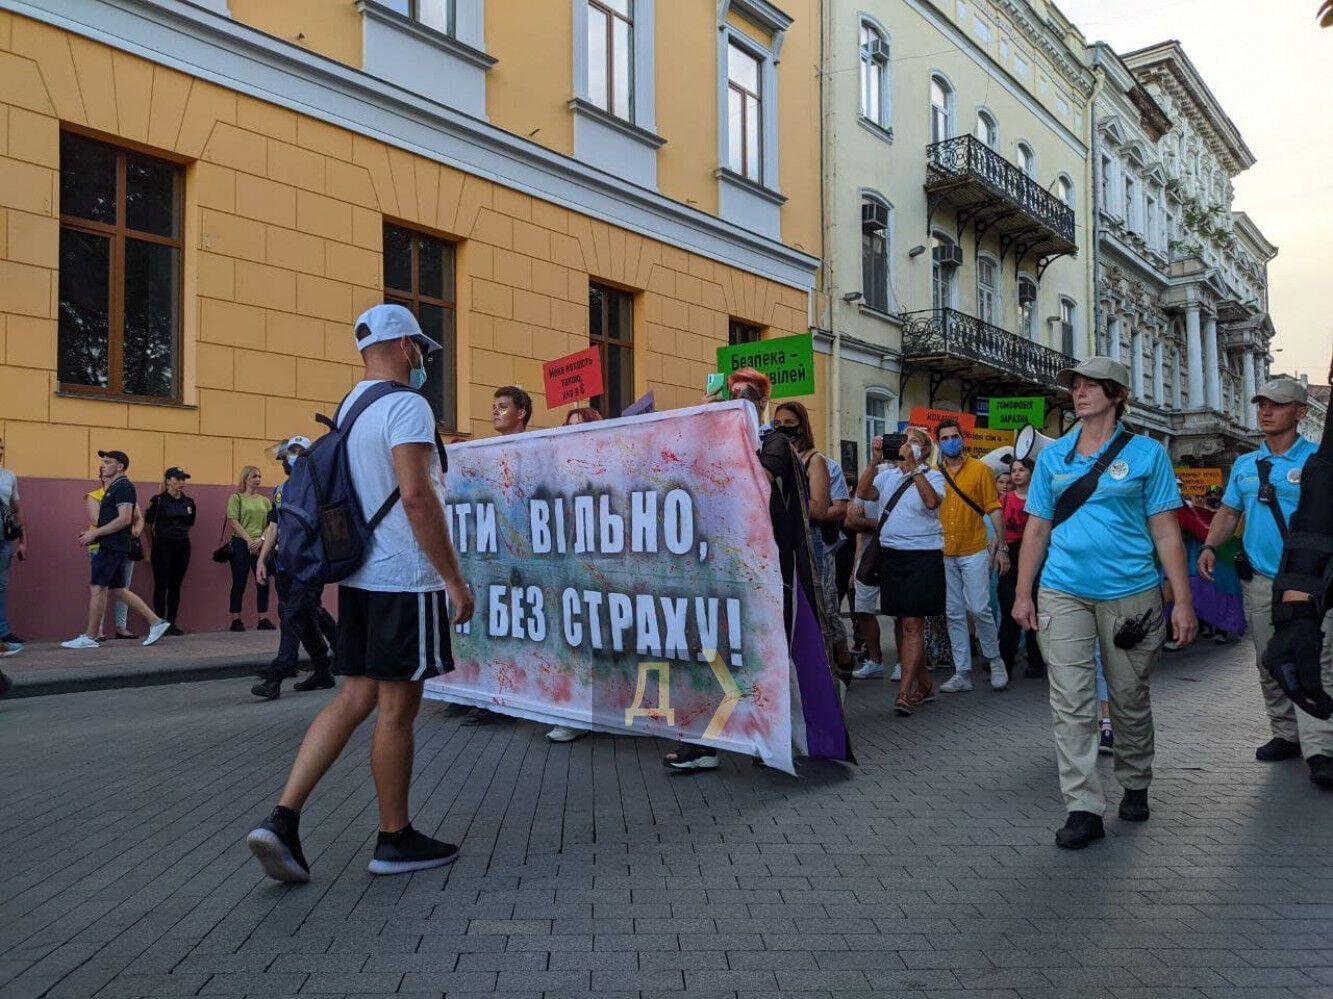 Марш ЛГБТ в Одессе закончился столкновениями и задержаниями. Фото и видео